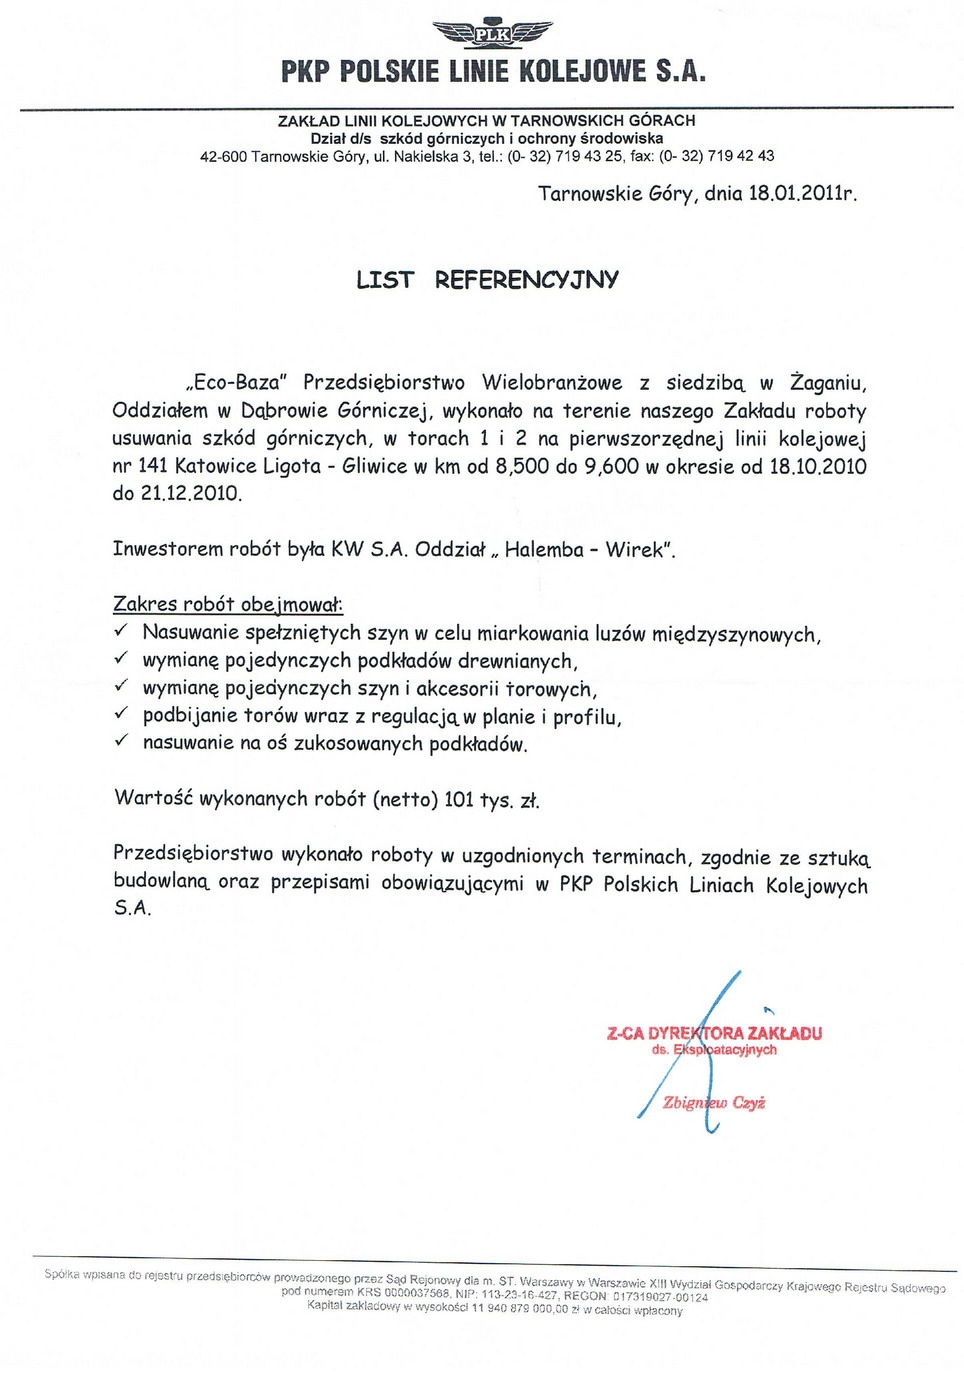 referencje_ecobaza_025